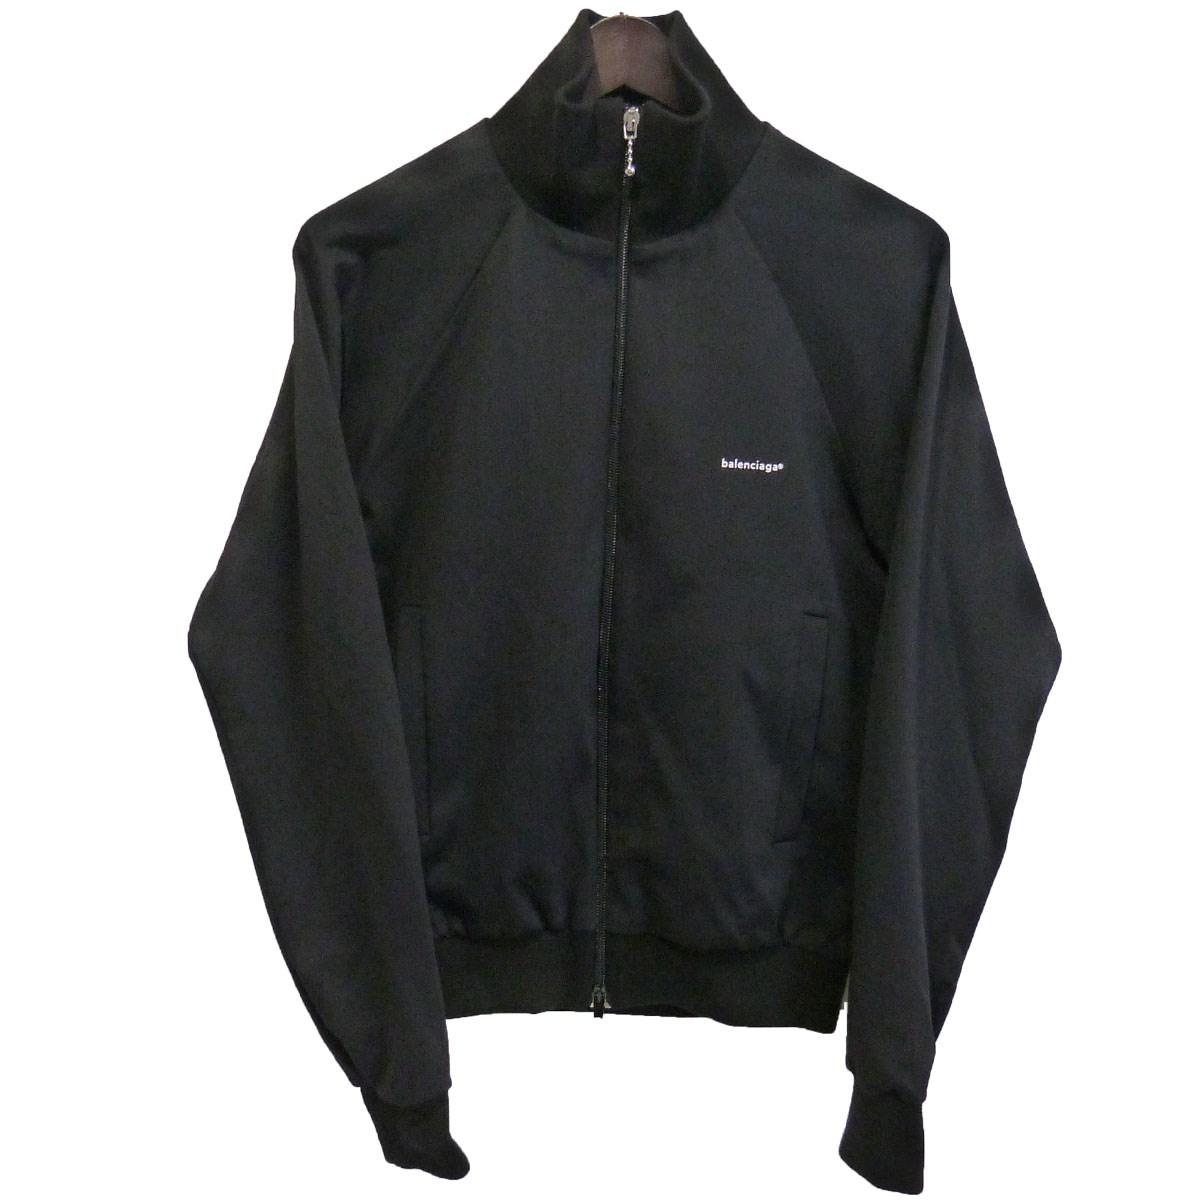 【中古】BALENCIAGA トラックジャケット ブラック サイズ:34 【180320】(バレンシアガ)